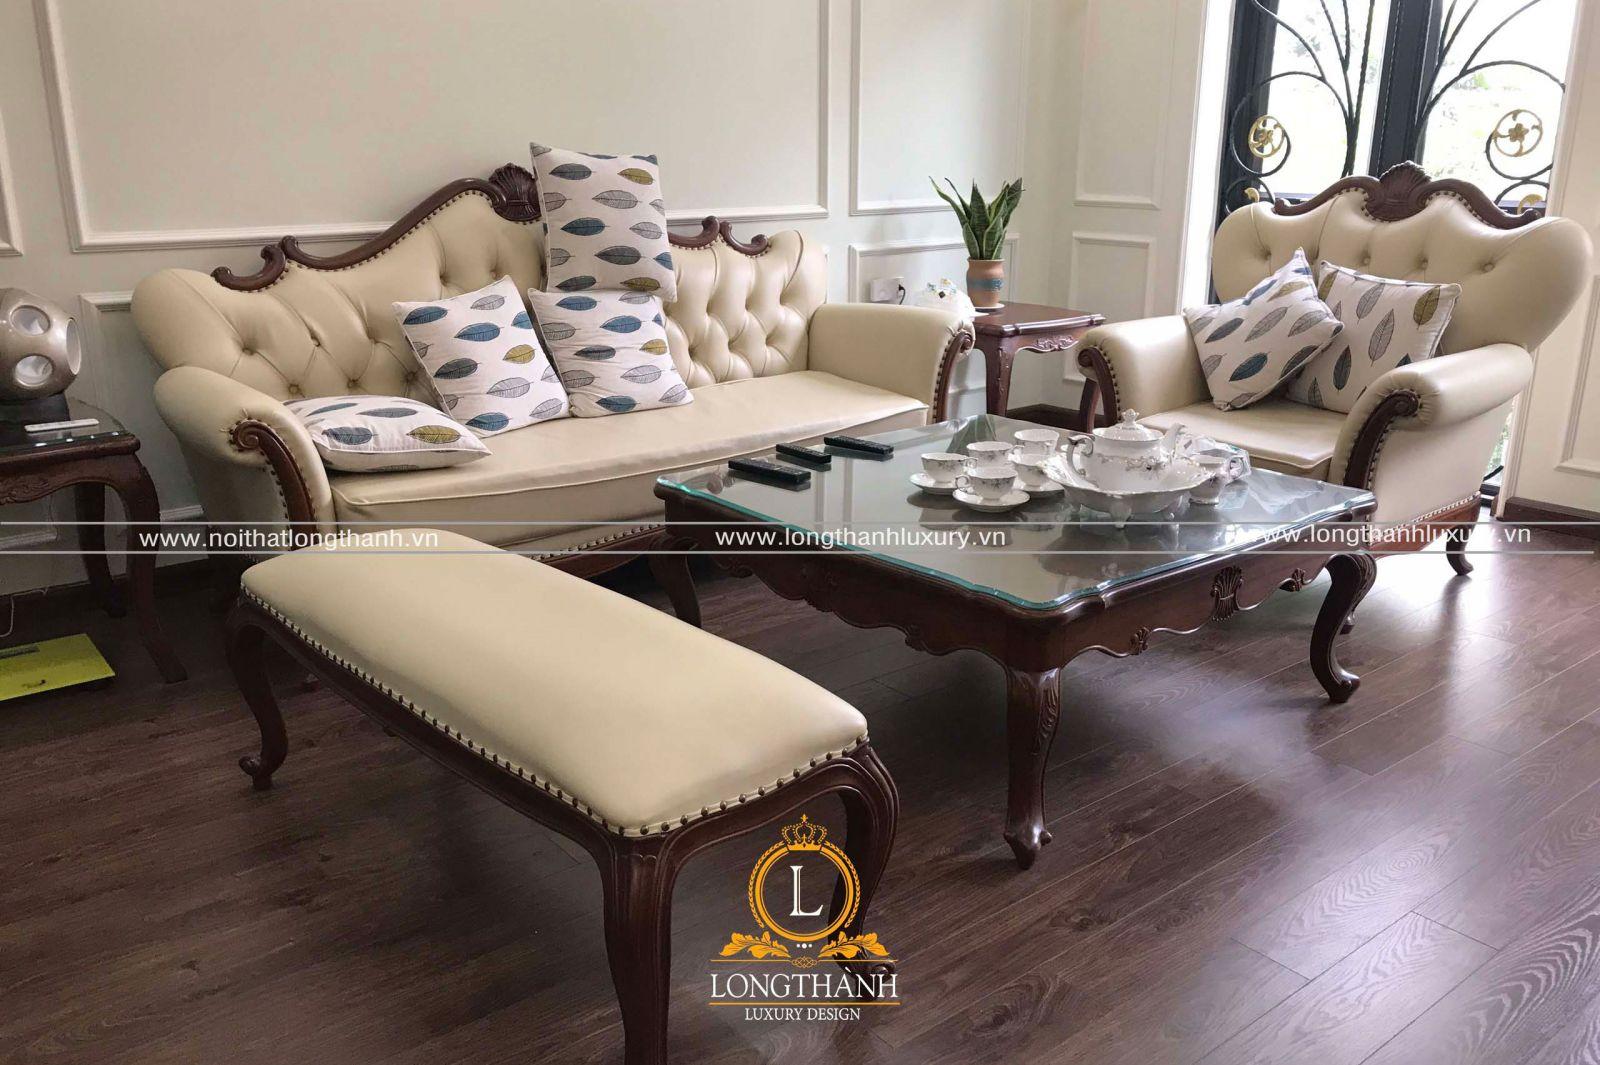 Sơn inchem là chất liệu được sử dụng cho bộ sofa